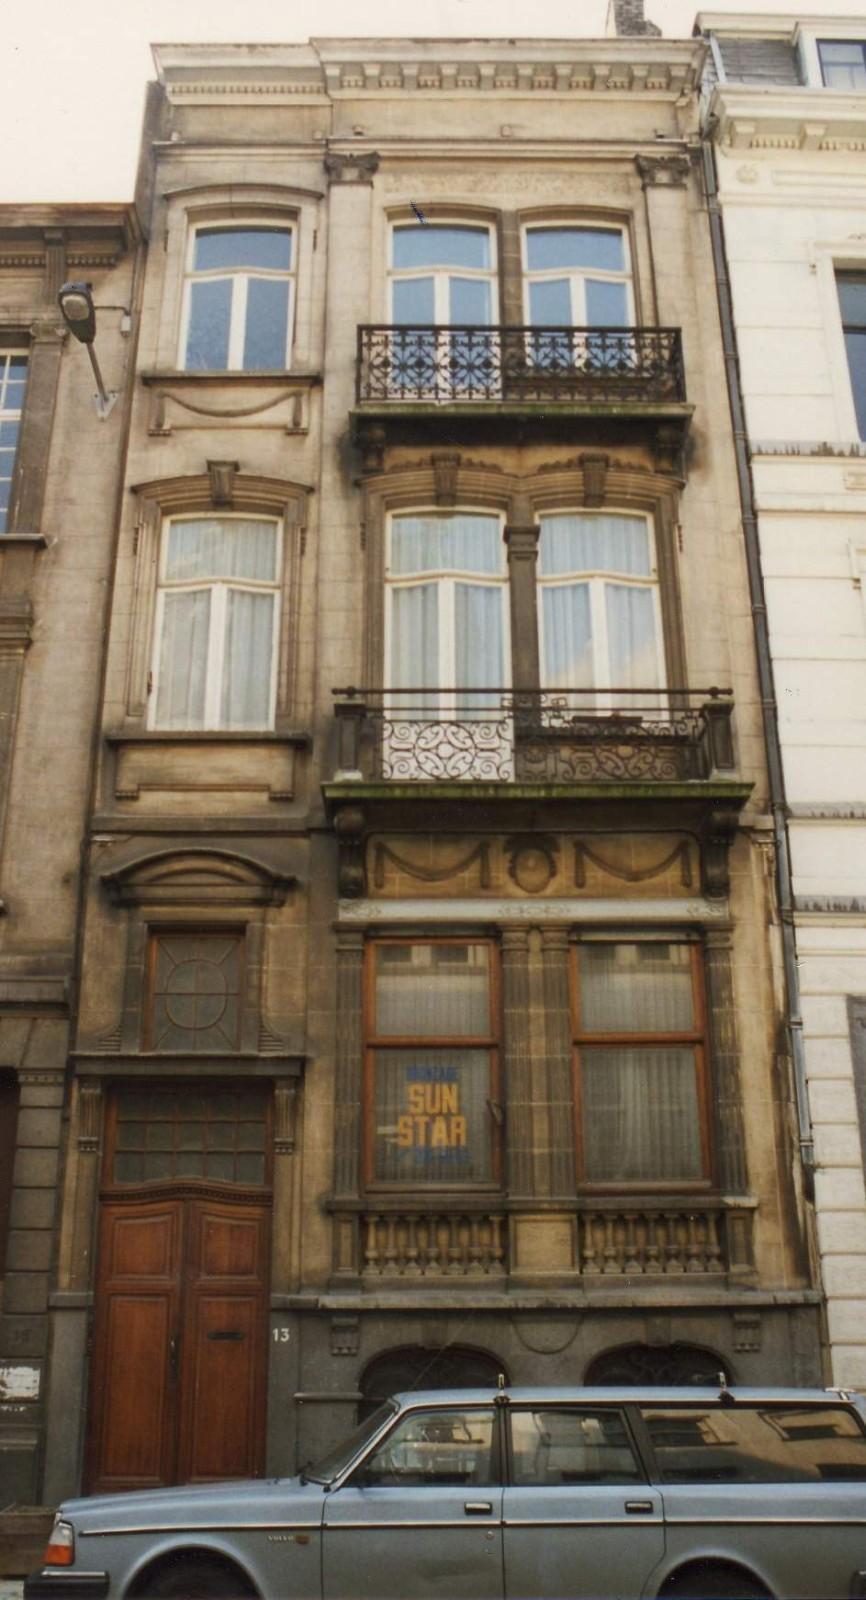 Rue Demot 13., 1994